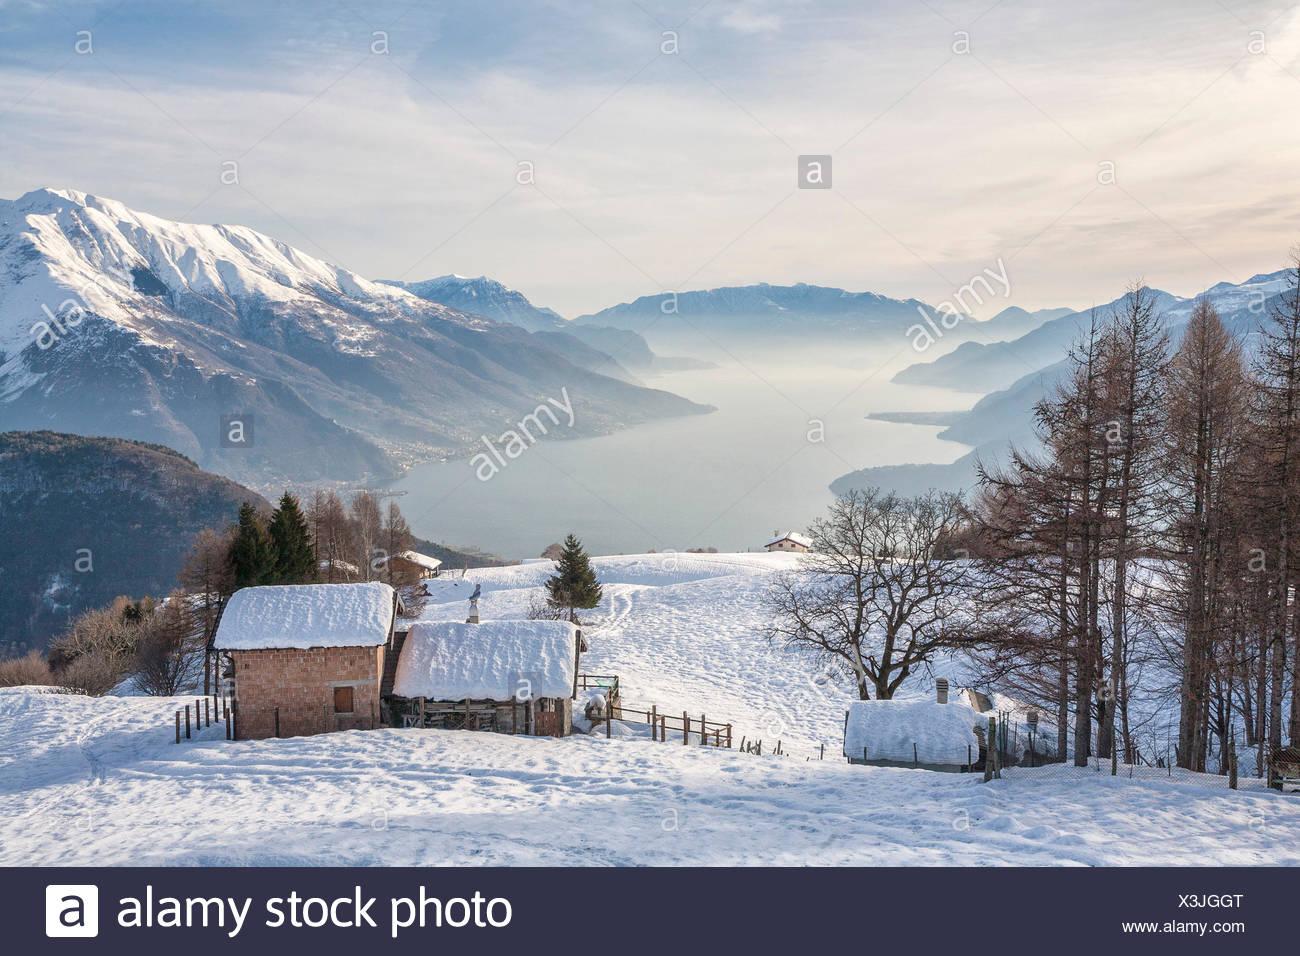 Inverno vista del lago di como e il rifugio di montagna for Immagini inverno sfondi